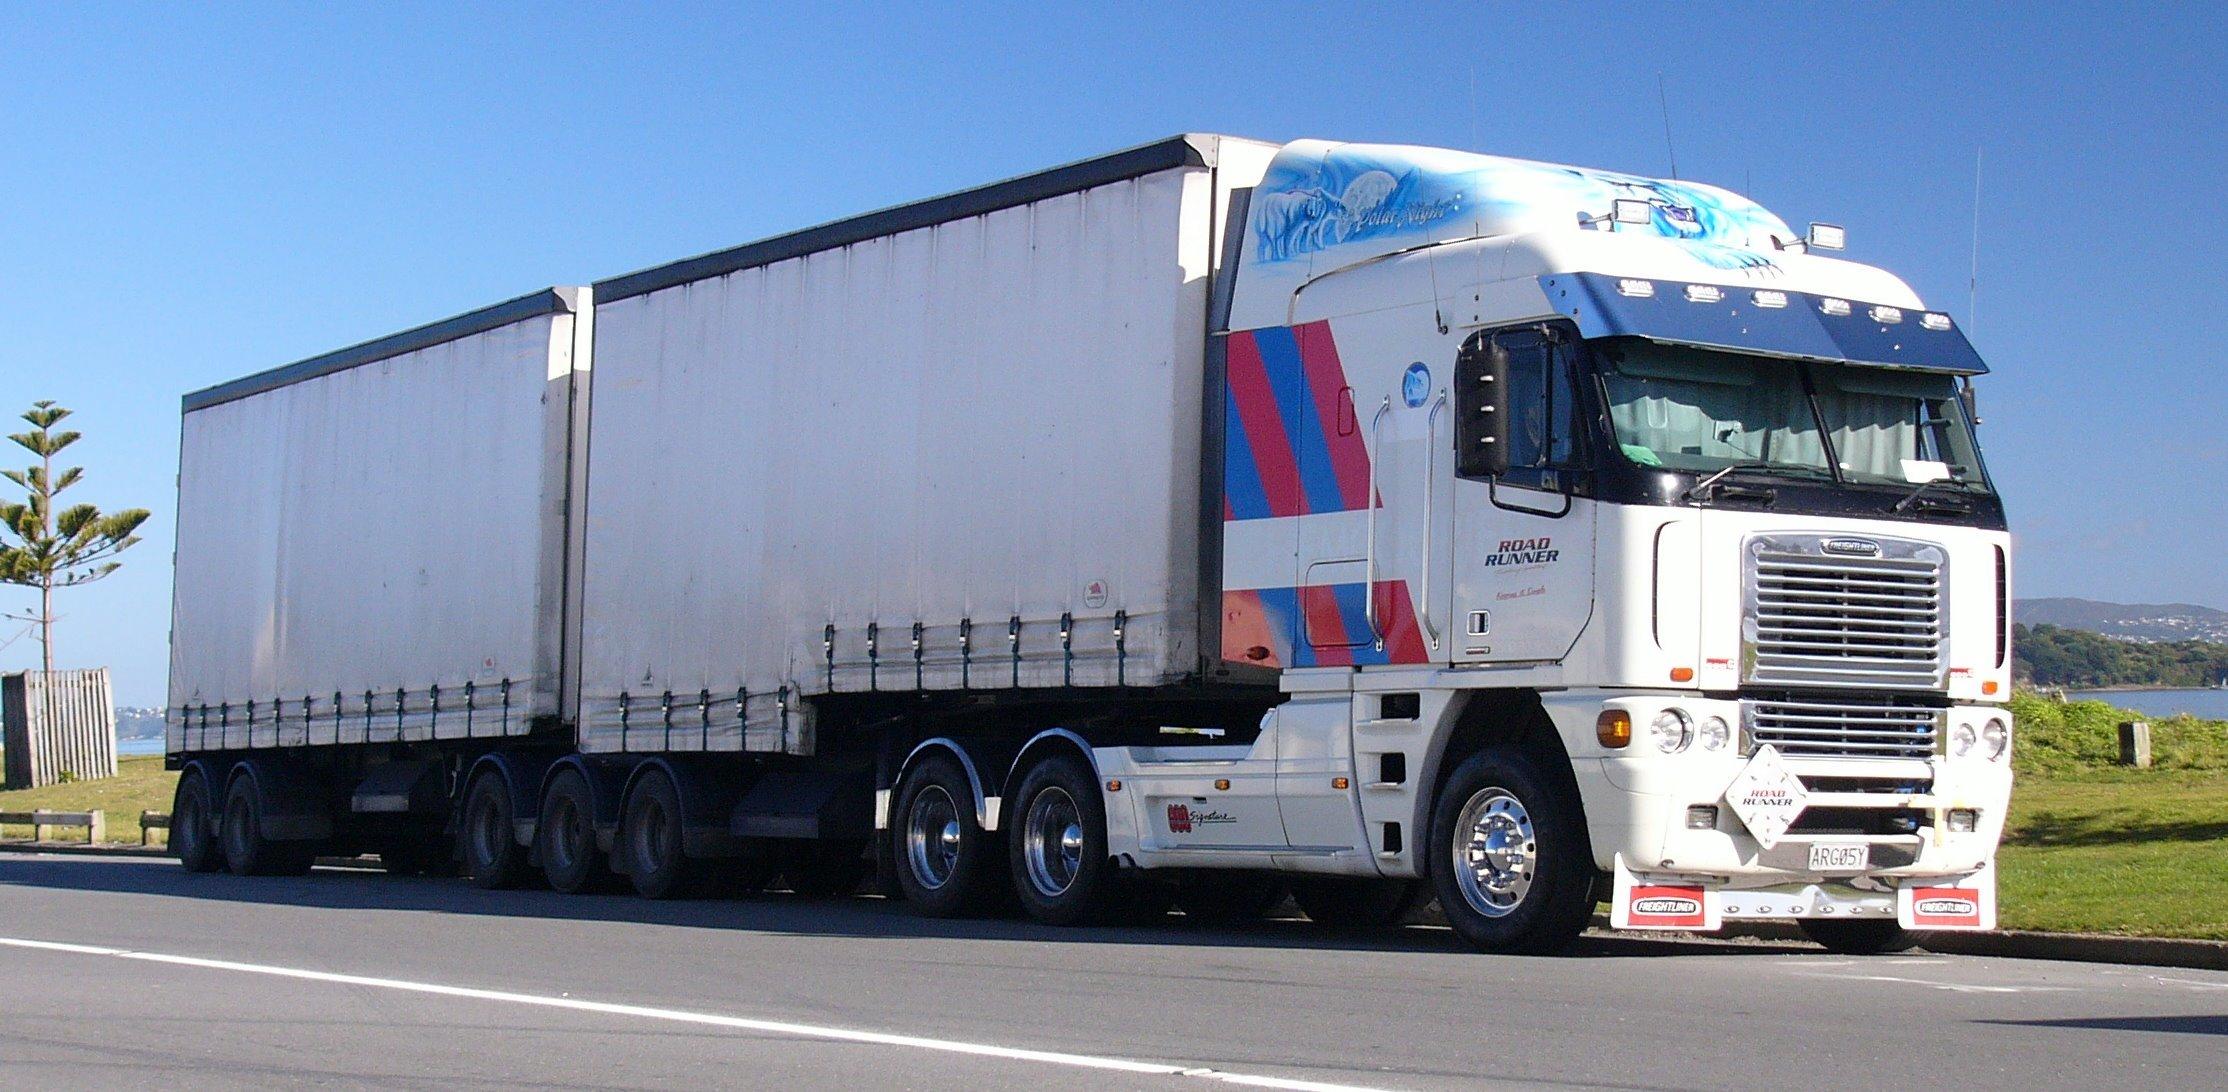 Фредлайнер Аргоси (Freightliner Argosy) — 2014 год, качество и комфорт